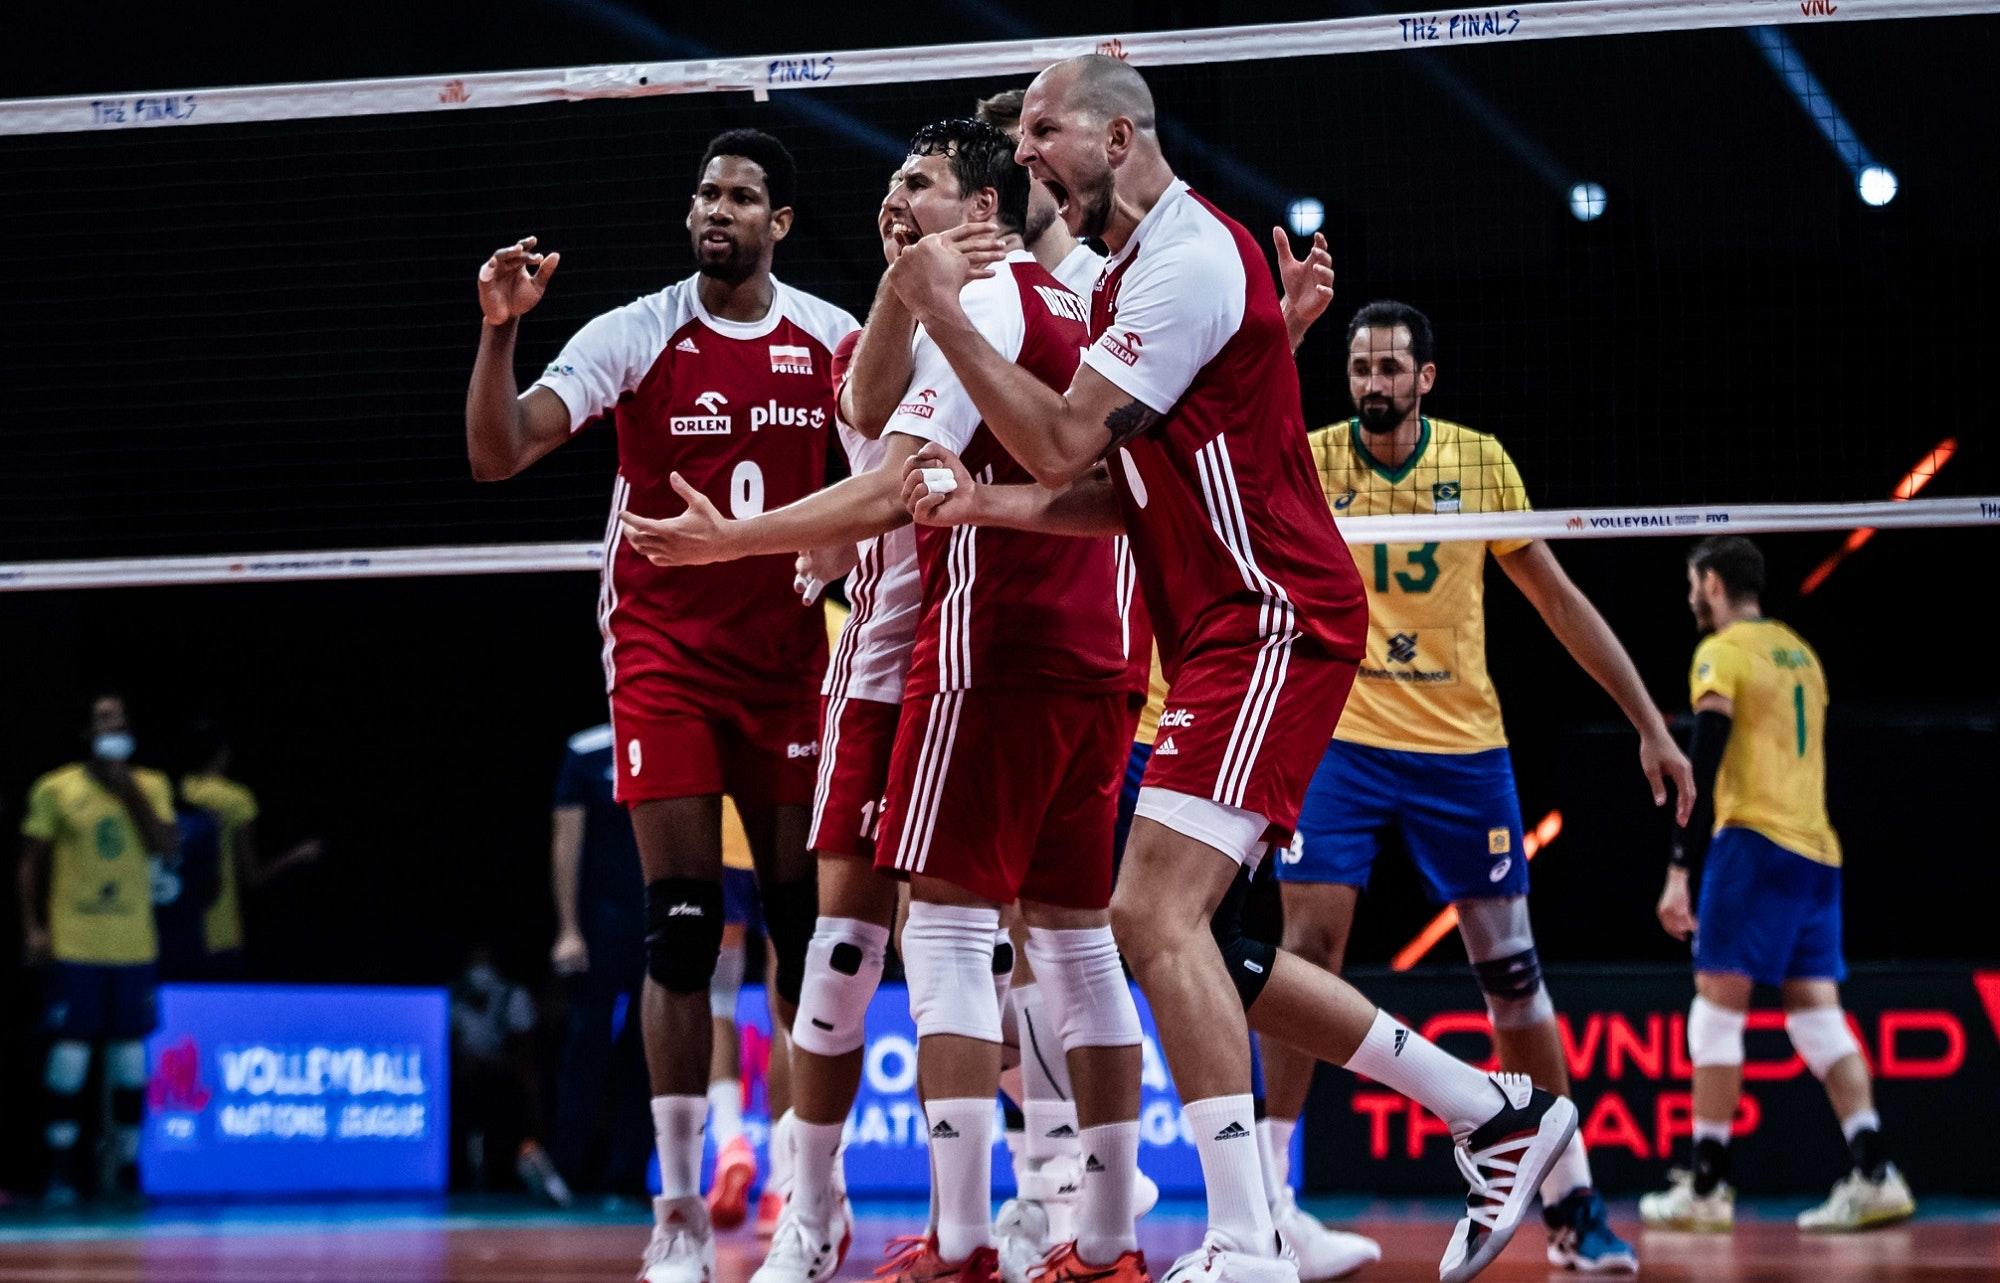 Siatkówka. Liga Narodów. Polska - Brazylia